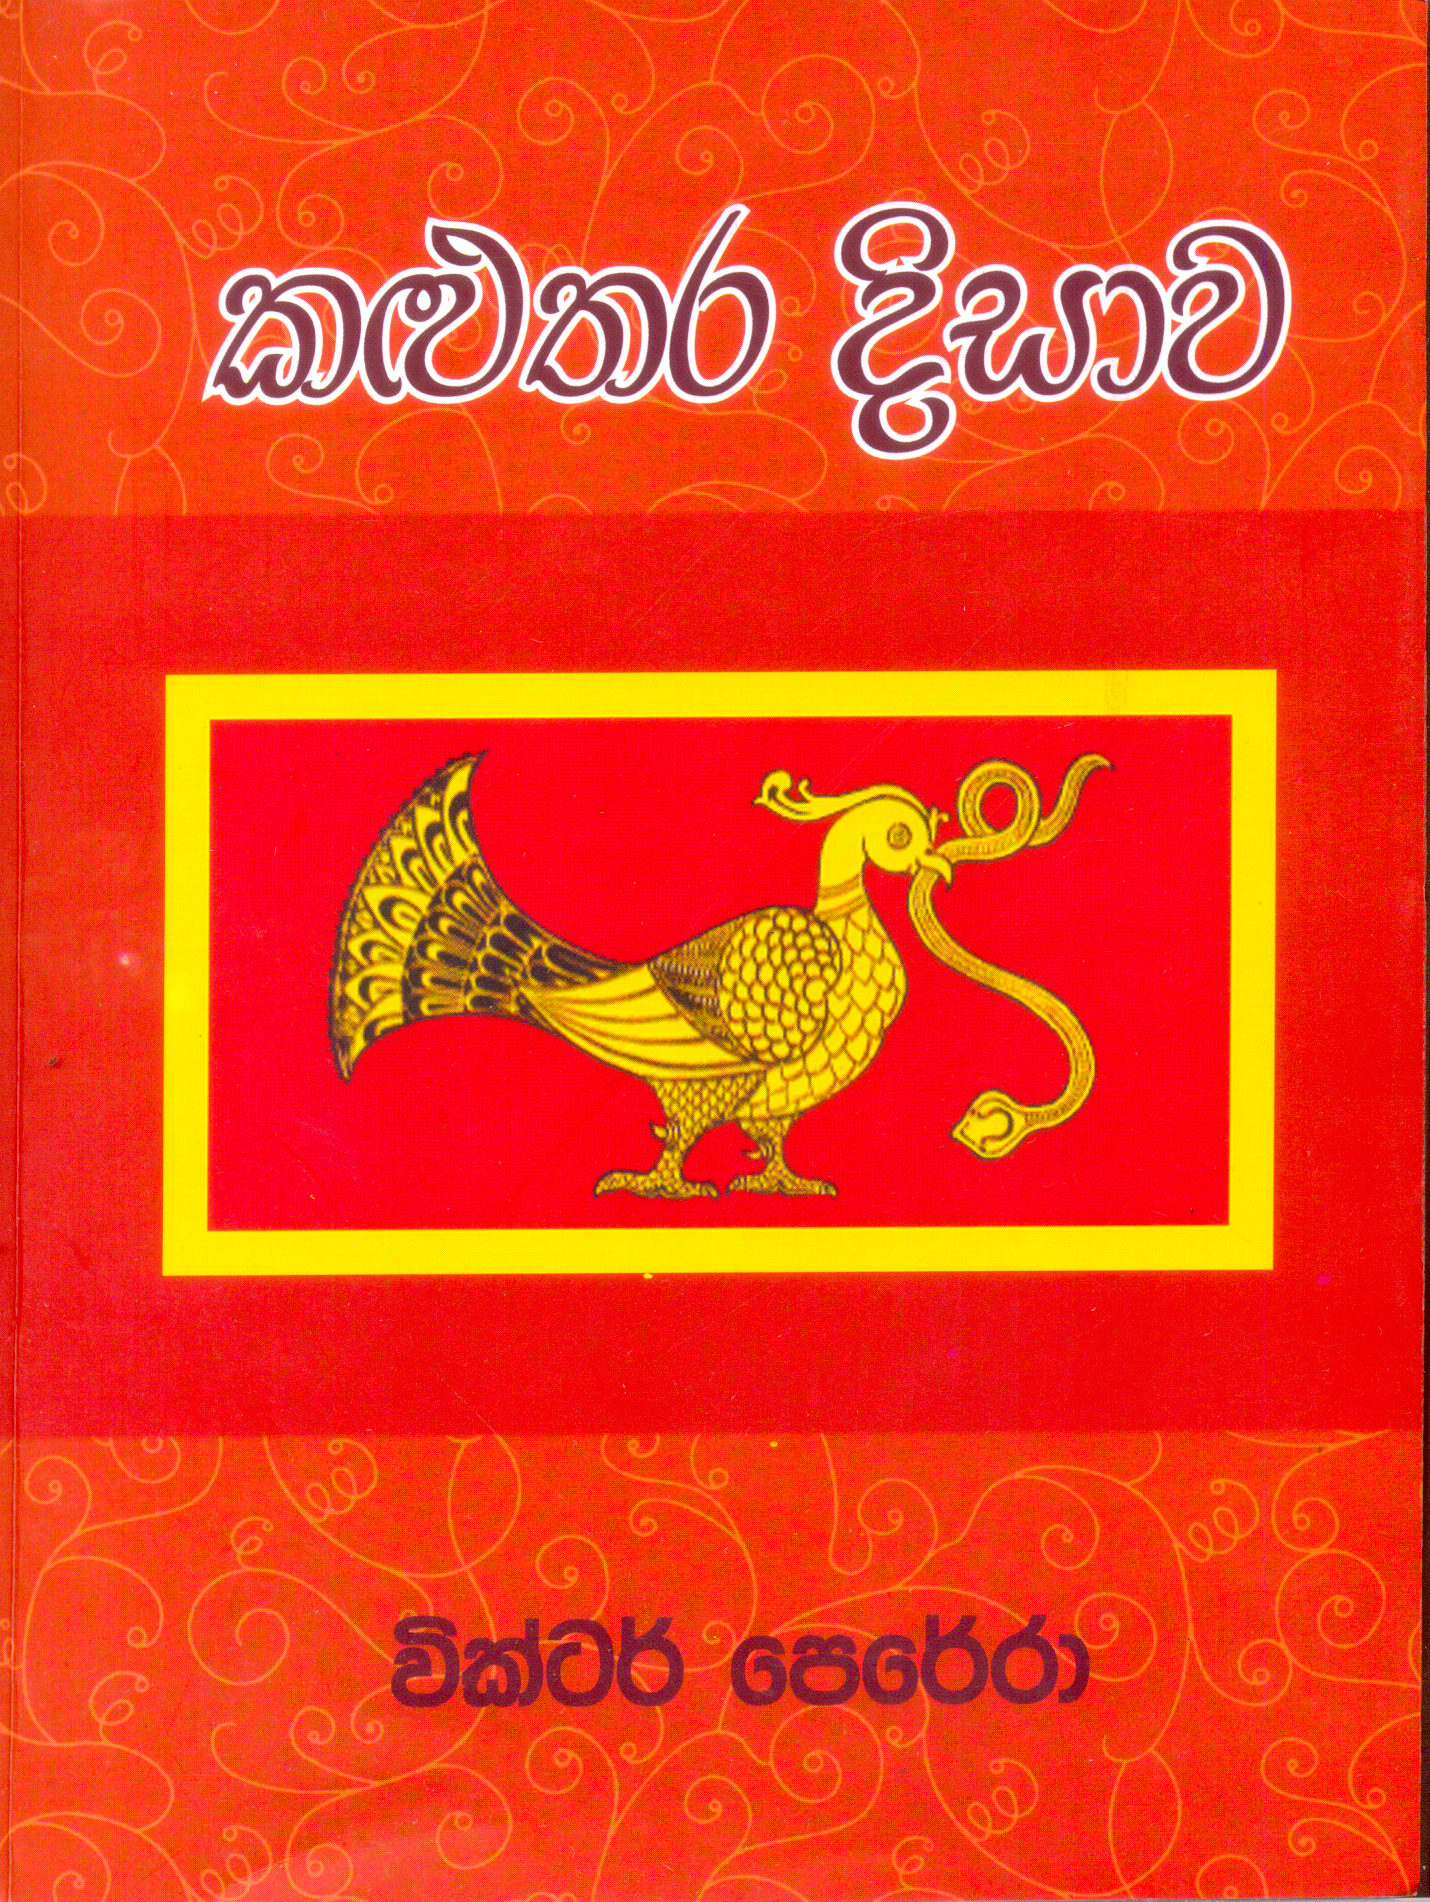 Kaluthara Disawa